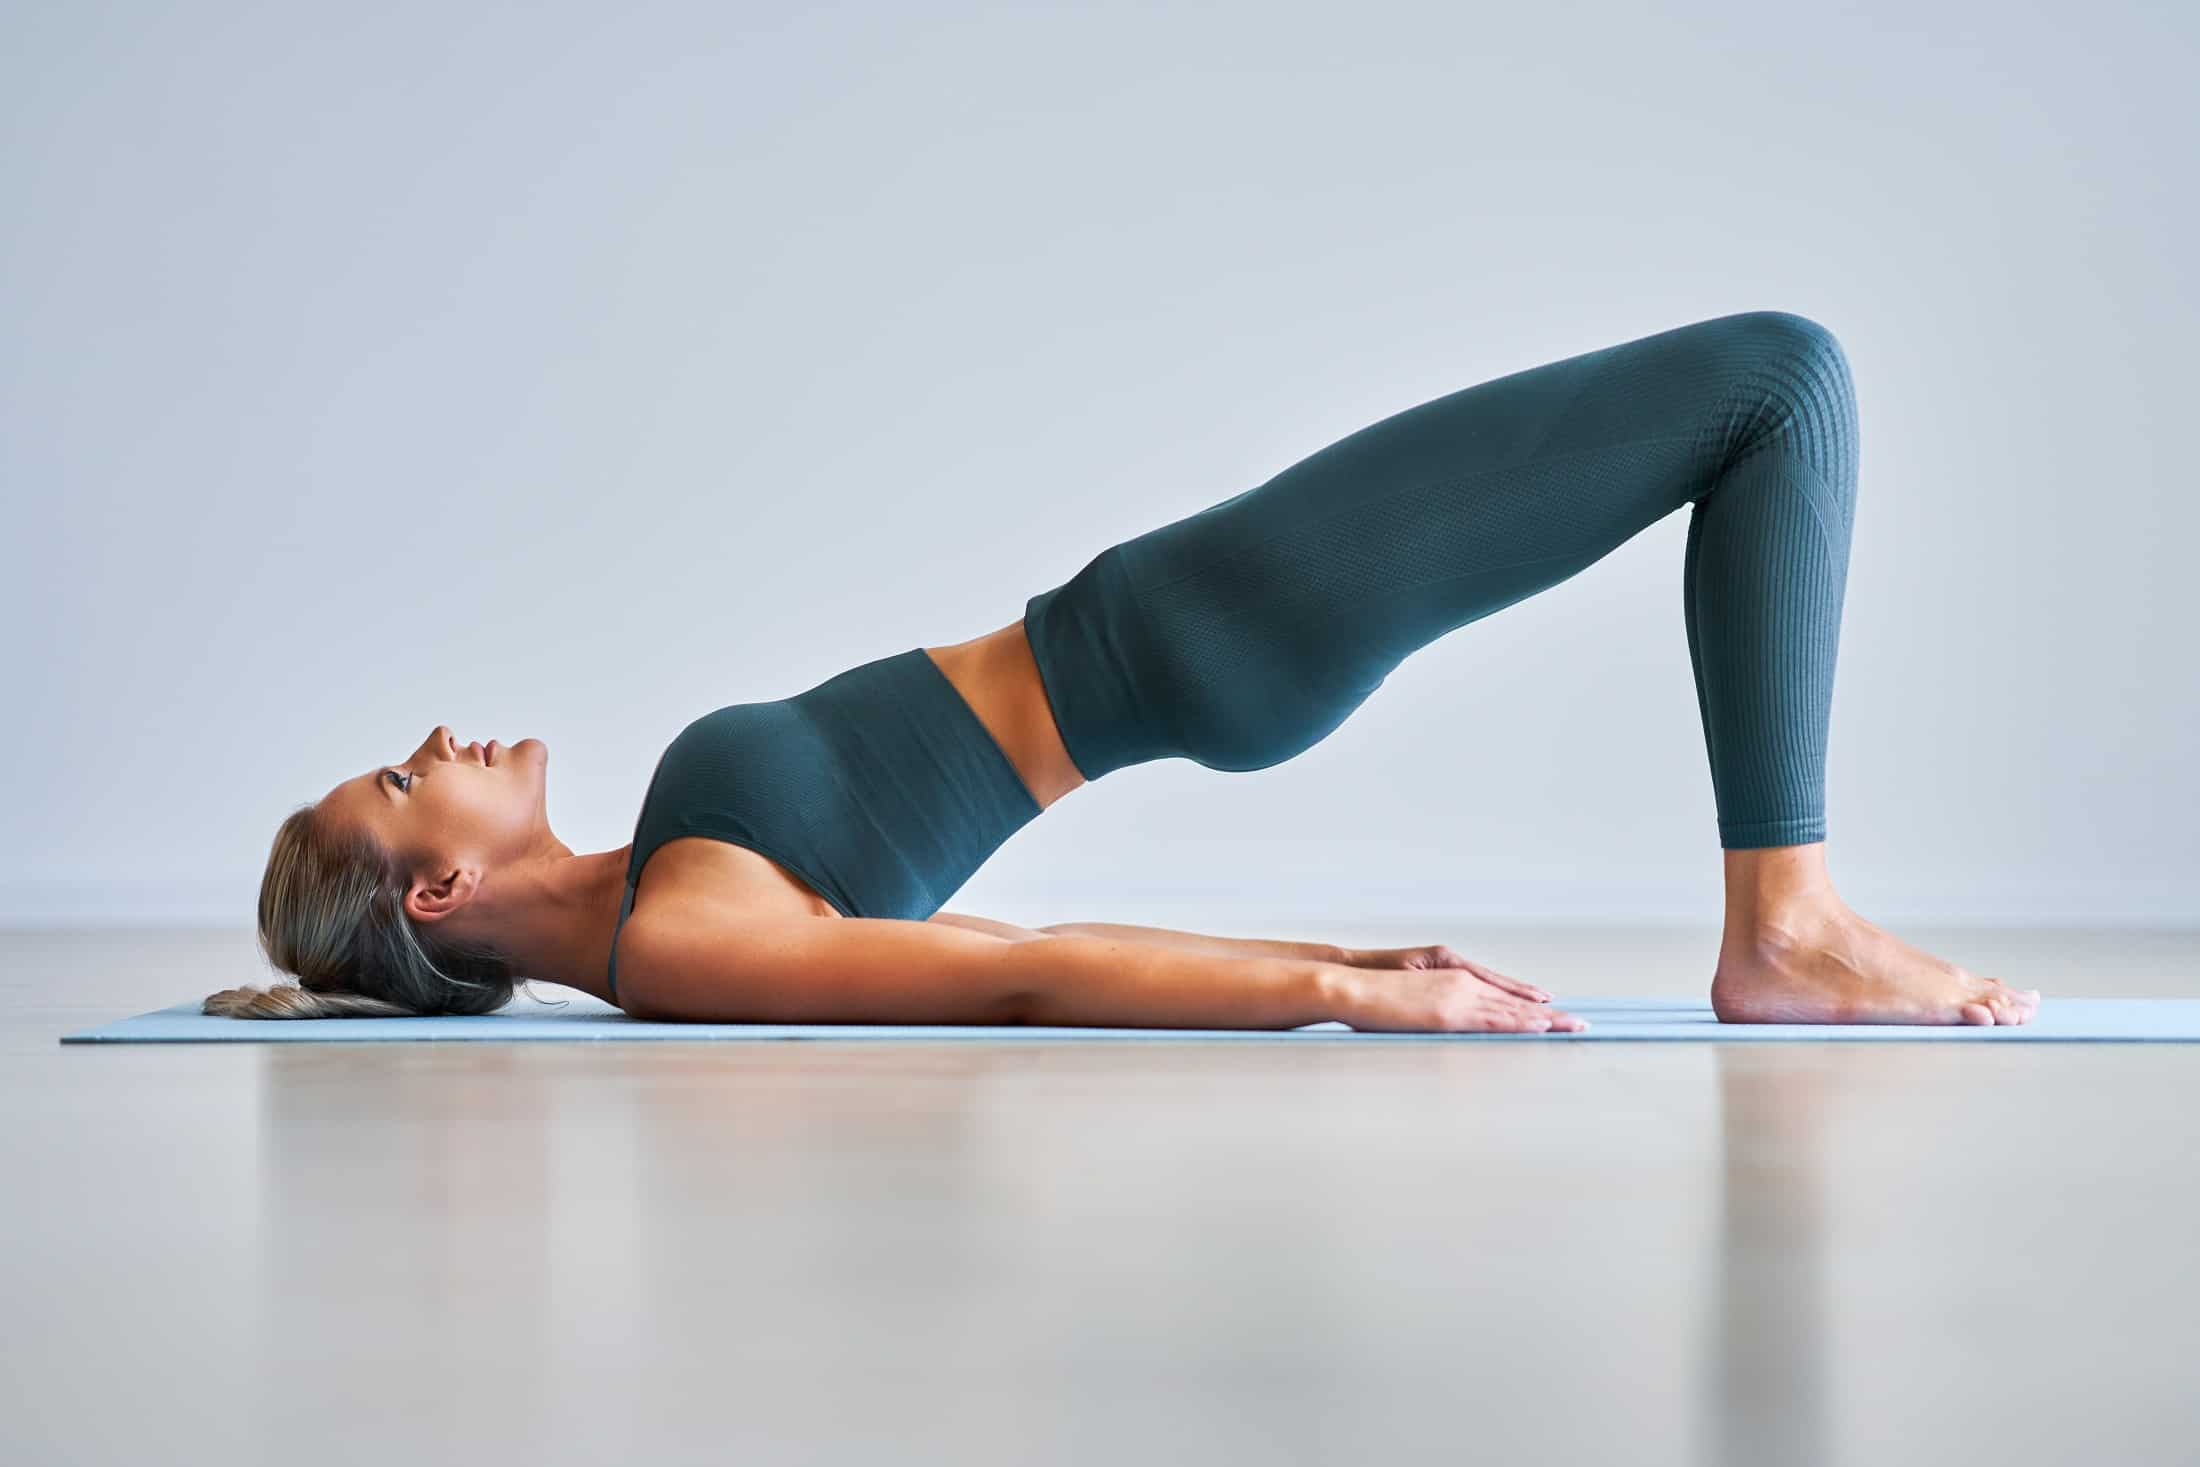 4 ćwiczenia, które powinna wpleść w codzienne rytuały każda kobieta po 40. roku życia?